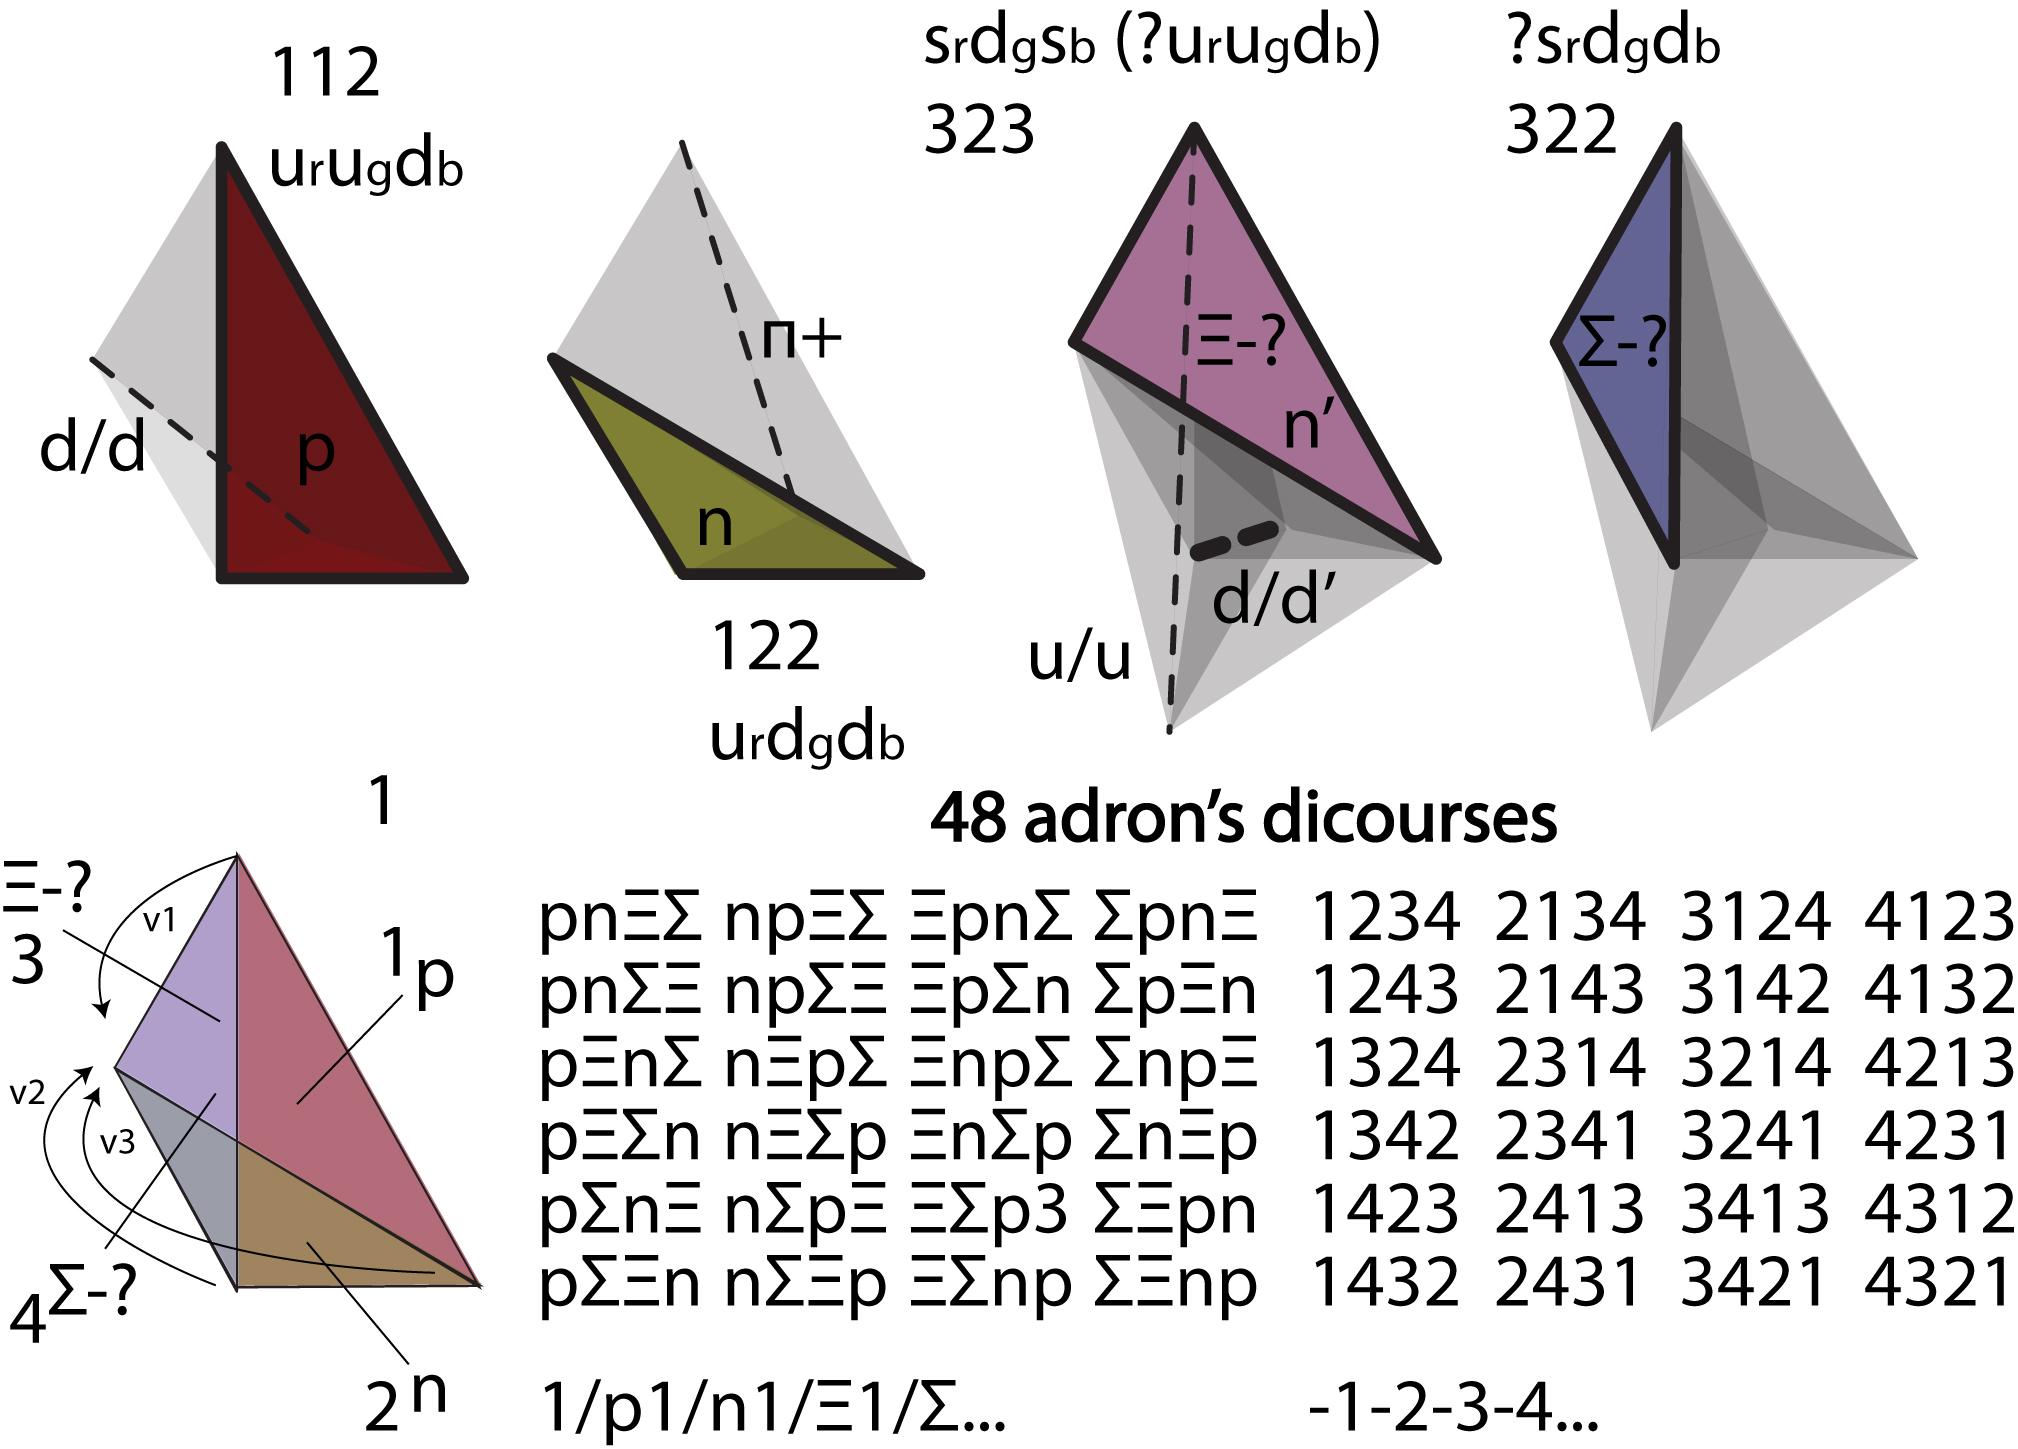 Рисунок 14. Варианты взаимного превращения протона, нейтрона, кси-минус и сигма-минус - как четыре точки зрения на атом (